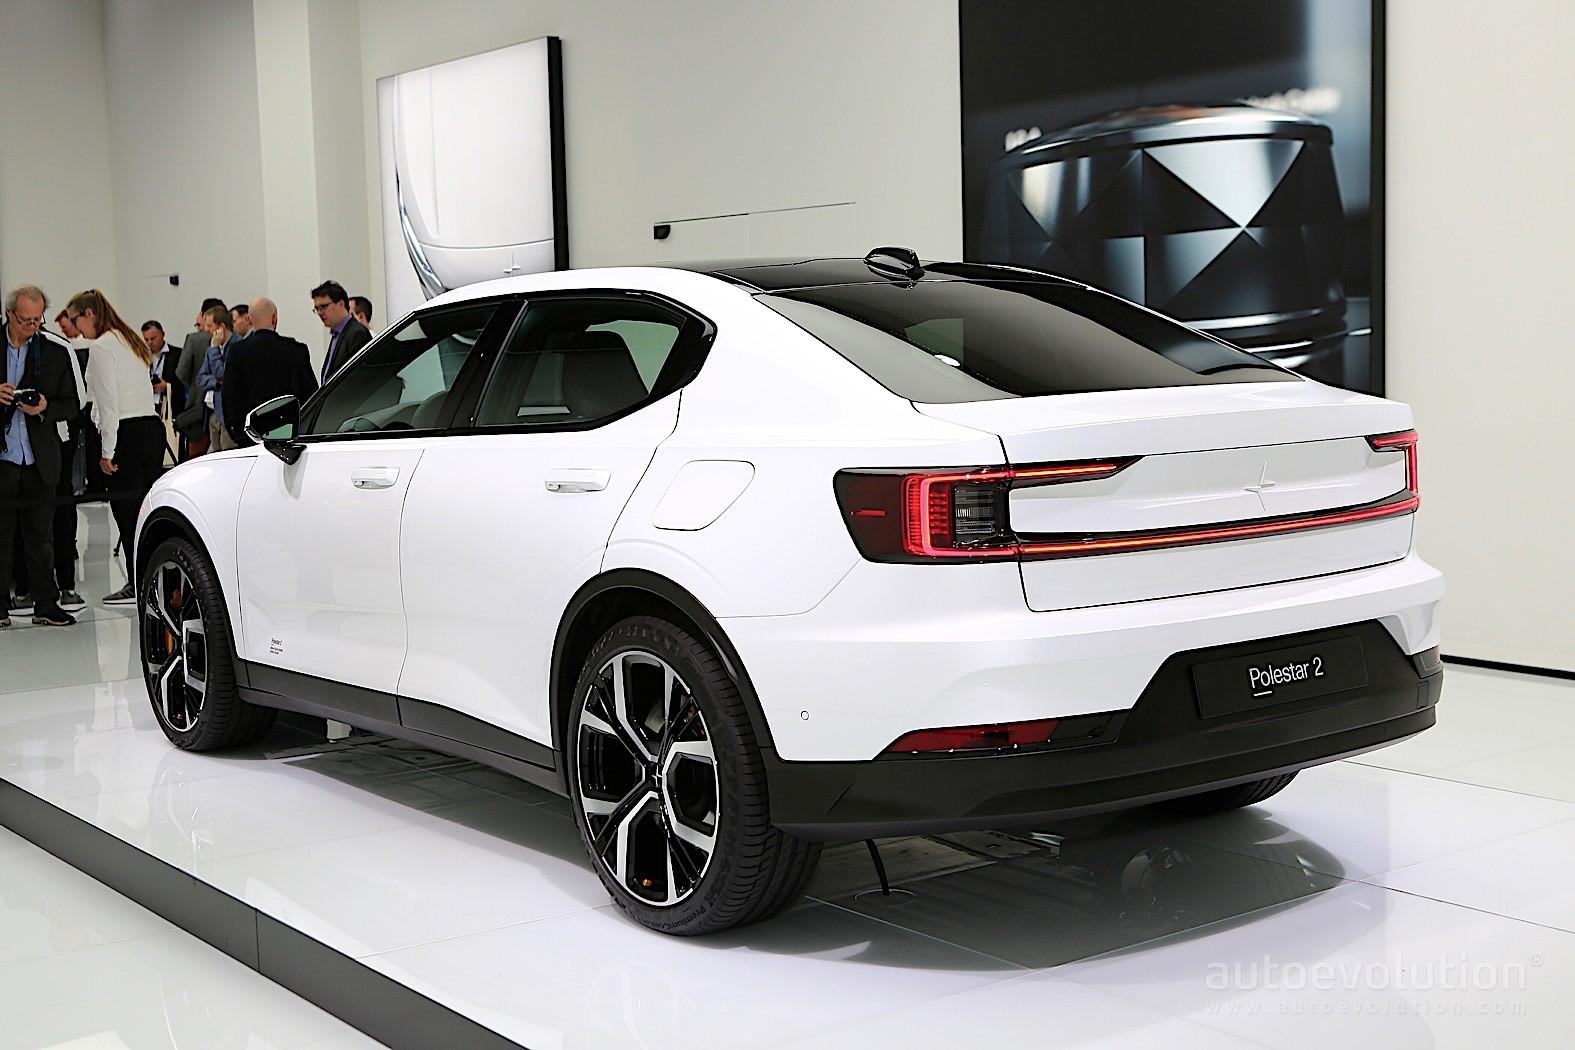 2020 Polestar 2 Shows Up In Geneva As Tesla Model 3